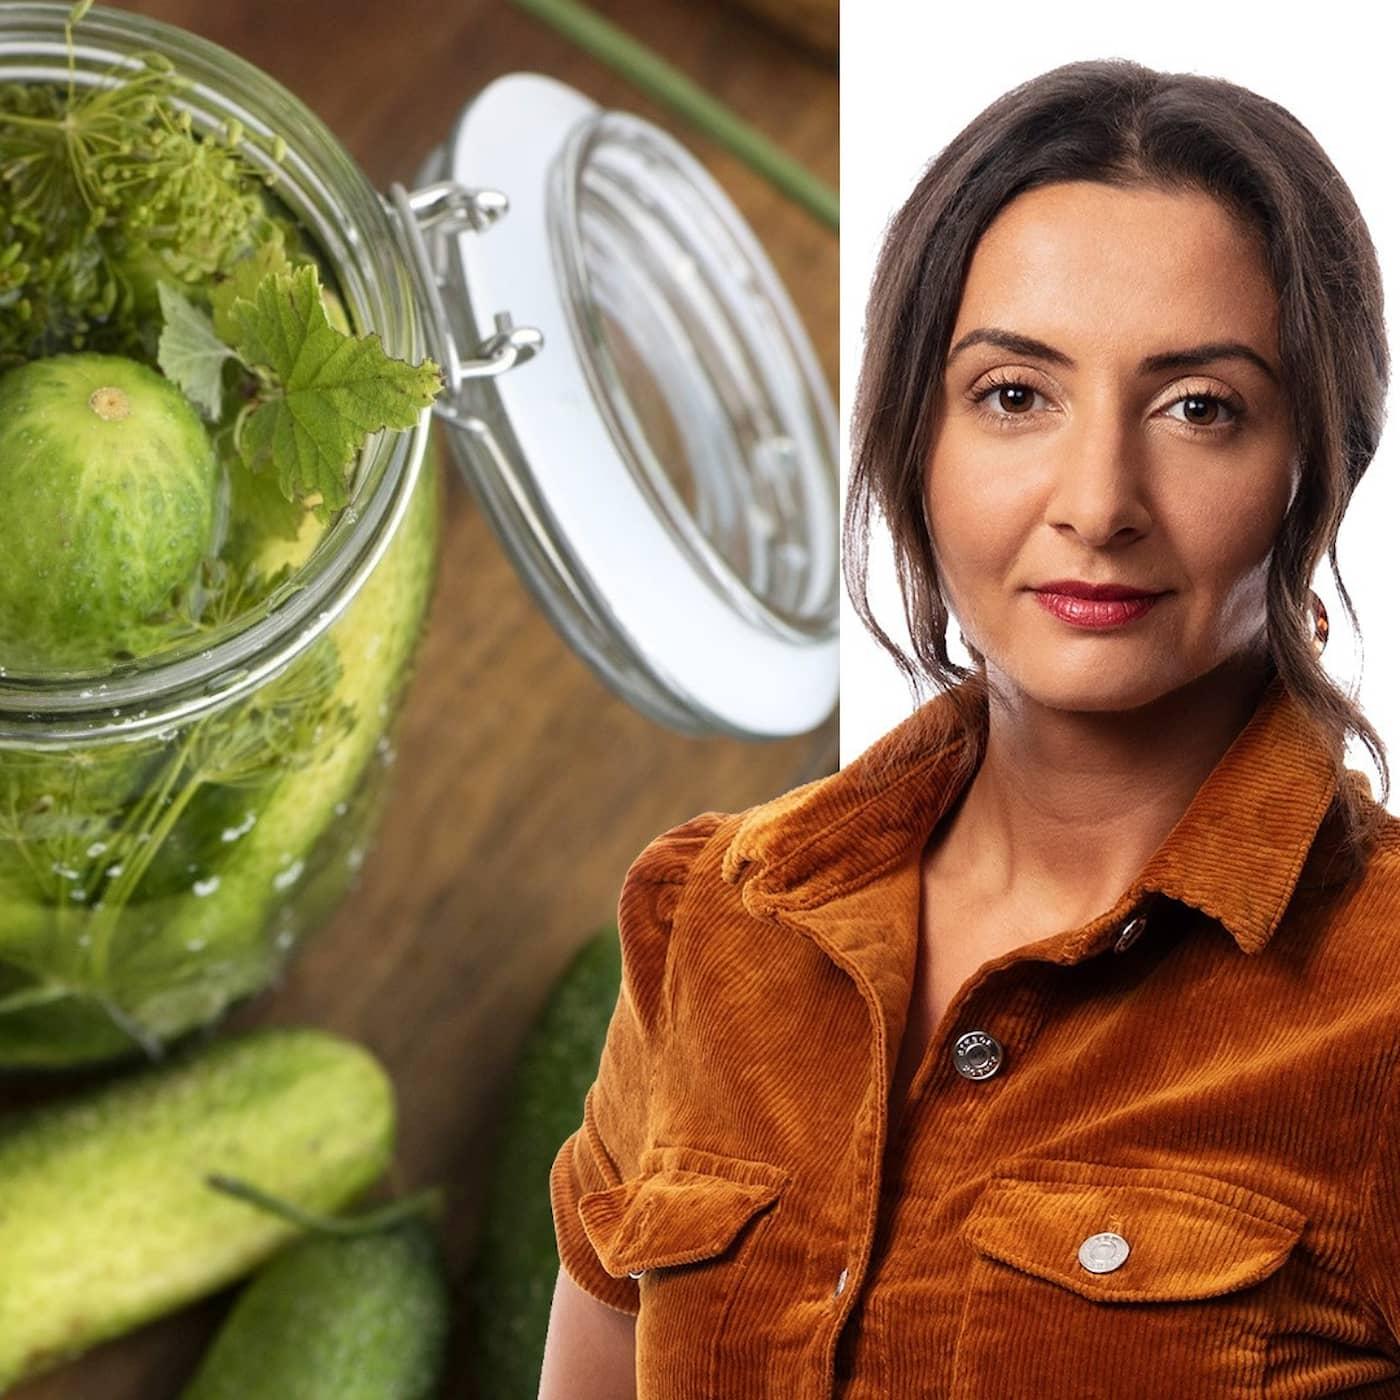 Lycka är att äta polska saltgurkor: Lubna El-Shanti